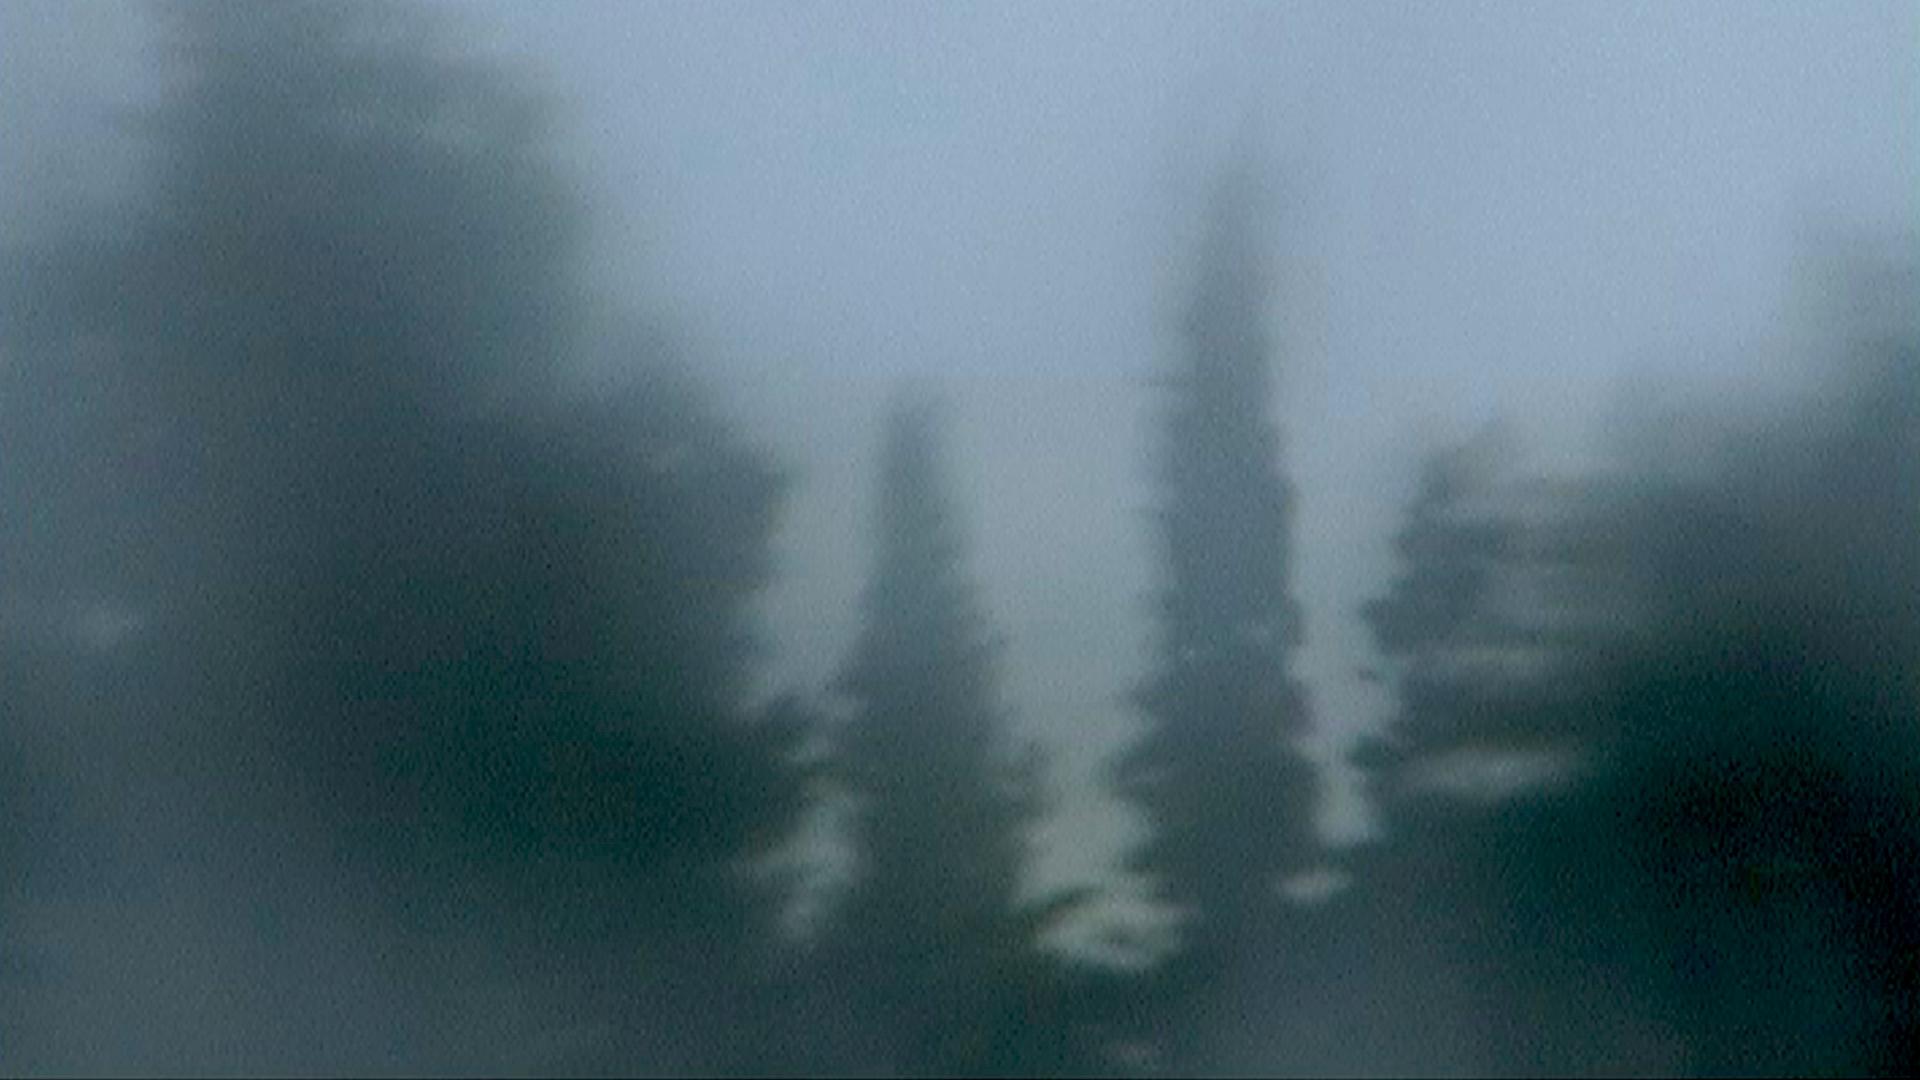 Les arbres dansent sous la tempête - Blandine Armand - Créations vidéos